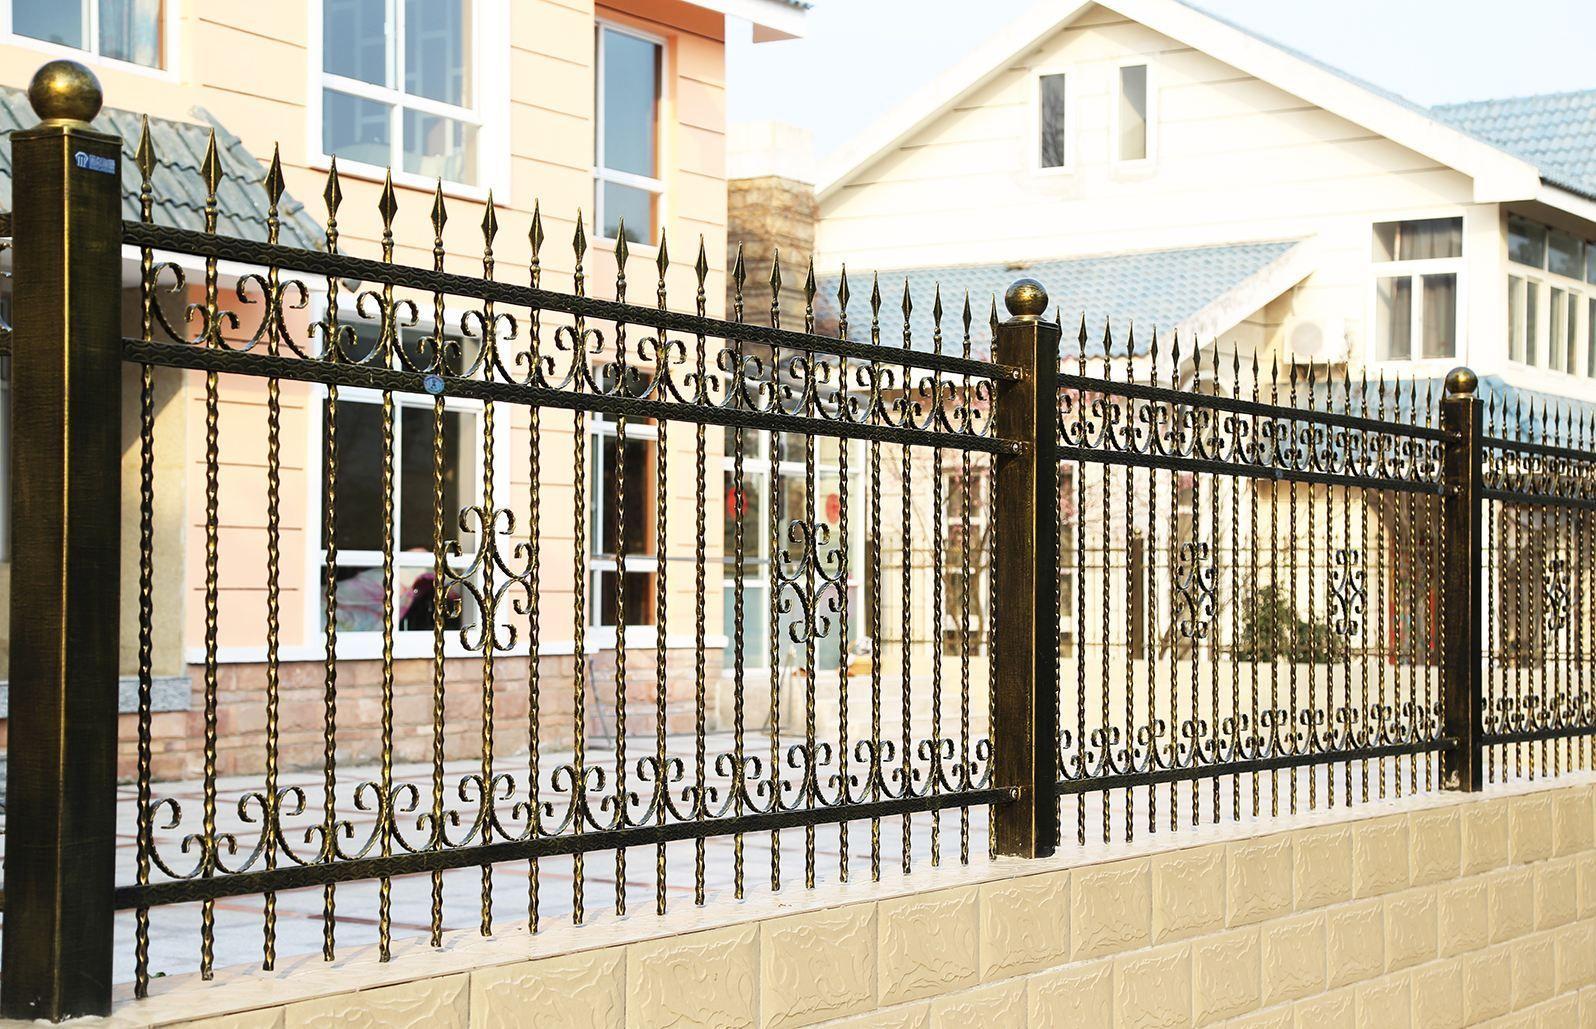 铁栅栏和木栅栏哪个比较好 围栏安装的注意事项